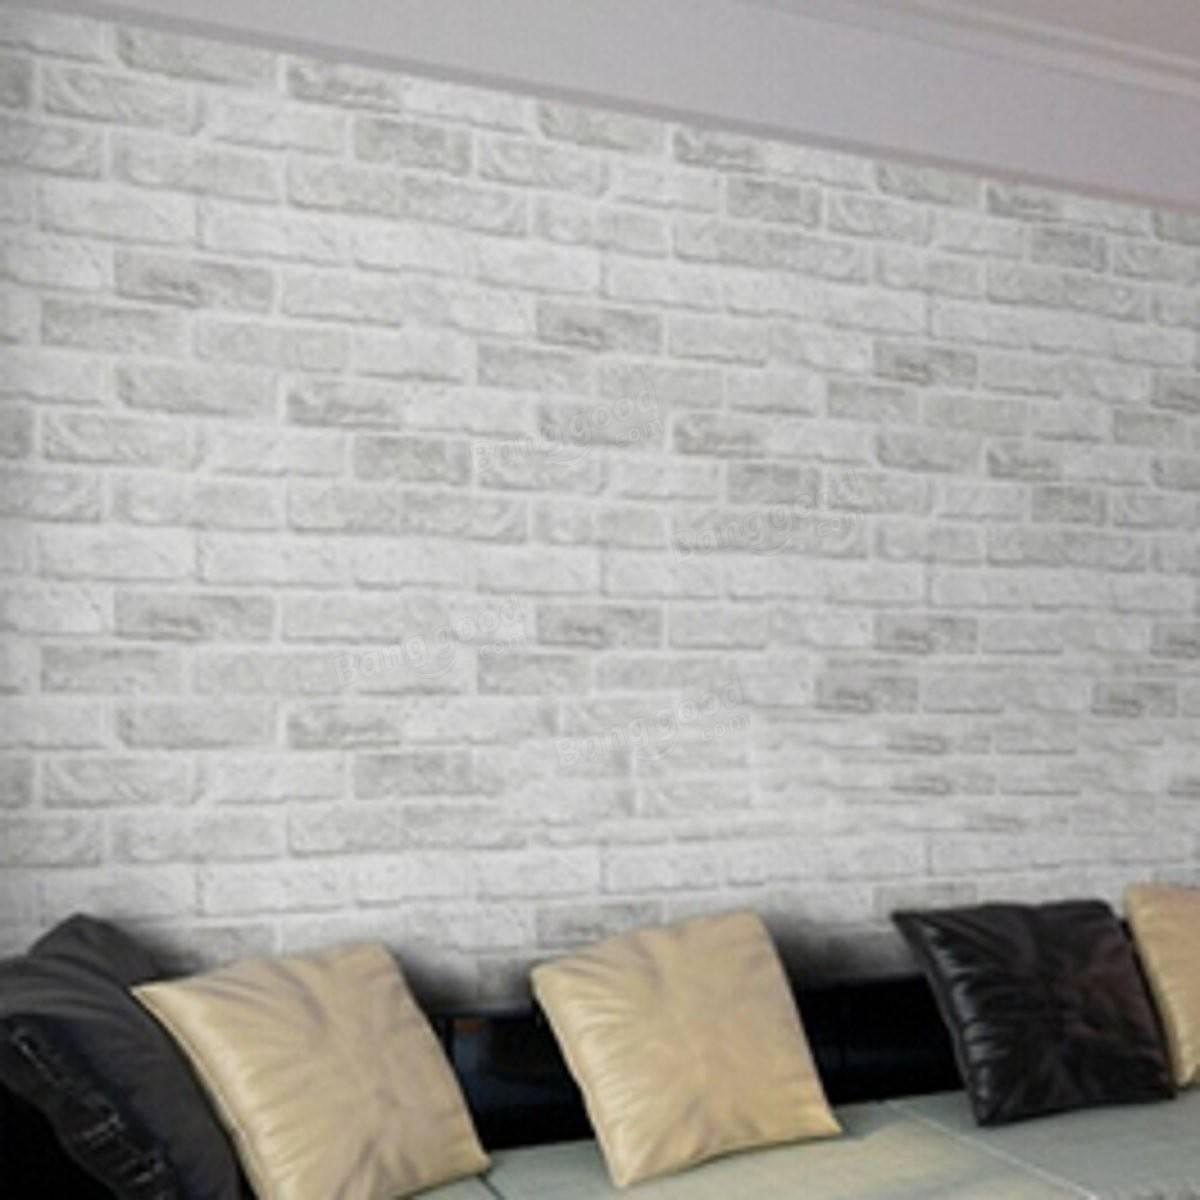 بالصور اشكال ورق جدران , اخفاء عيوب الجدران واطلالات عصرية من خلال ورق الحائط 1466 9